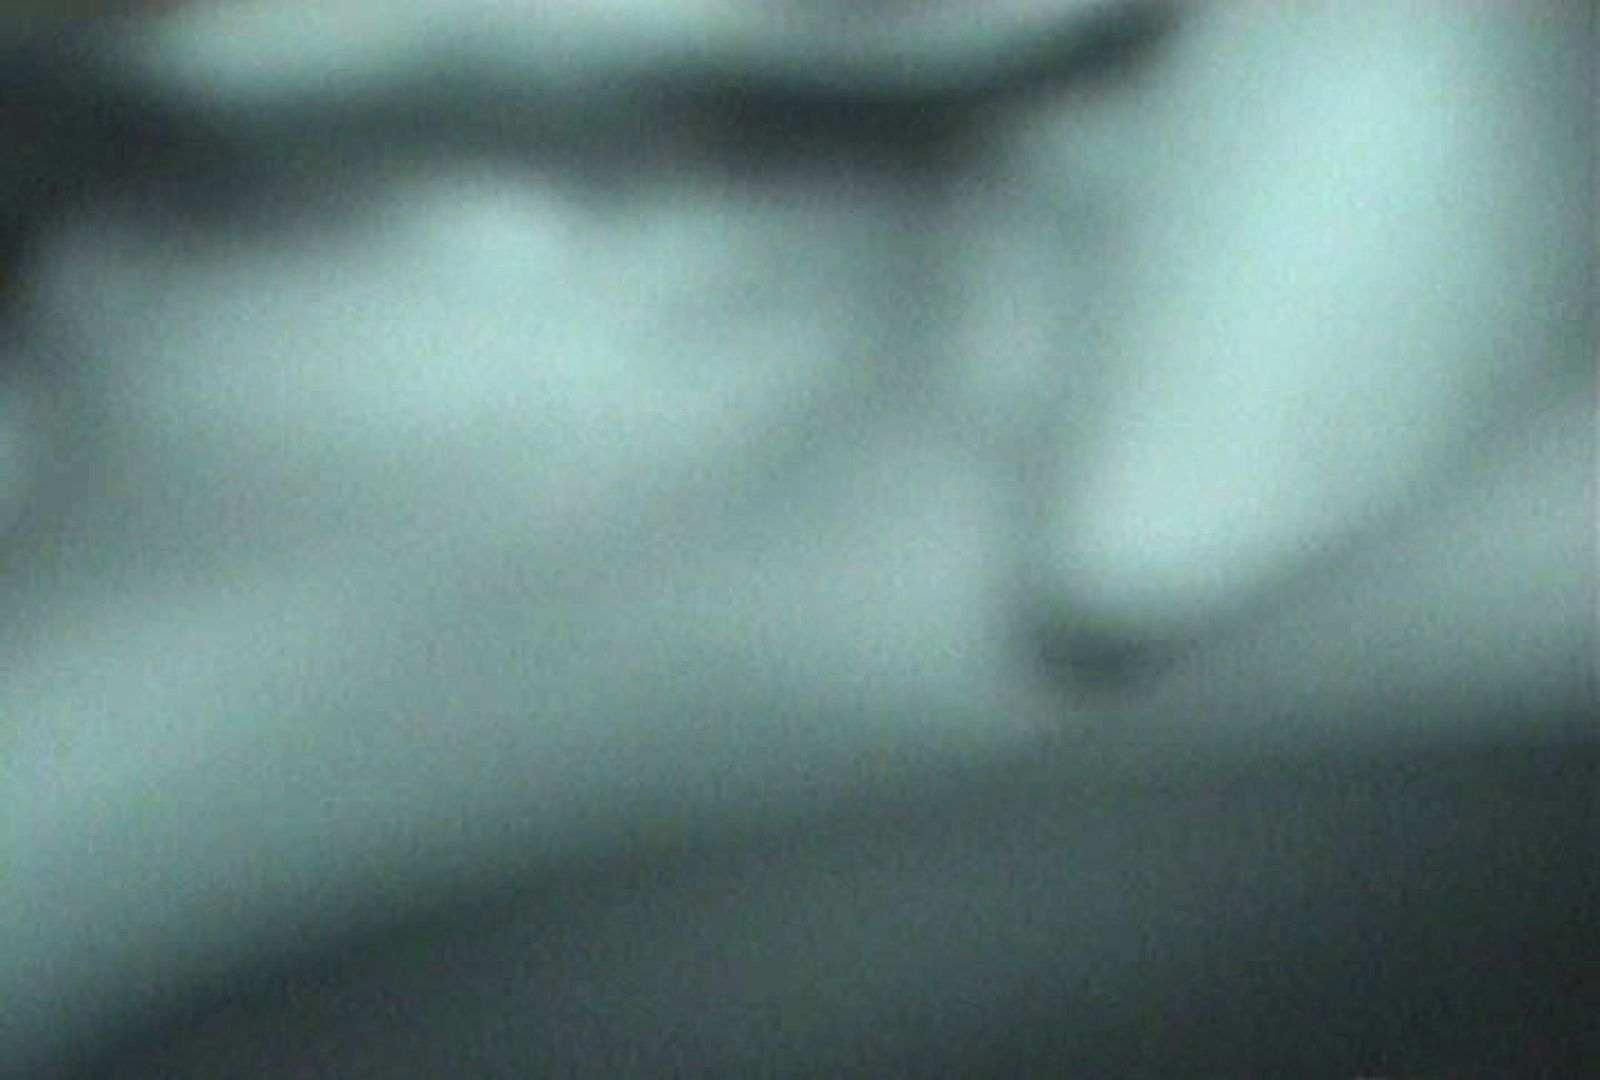 充血監督の深夜の運動会Vol.45 ロータープレイ | カーセックス  89pic 85